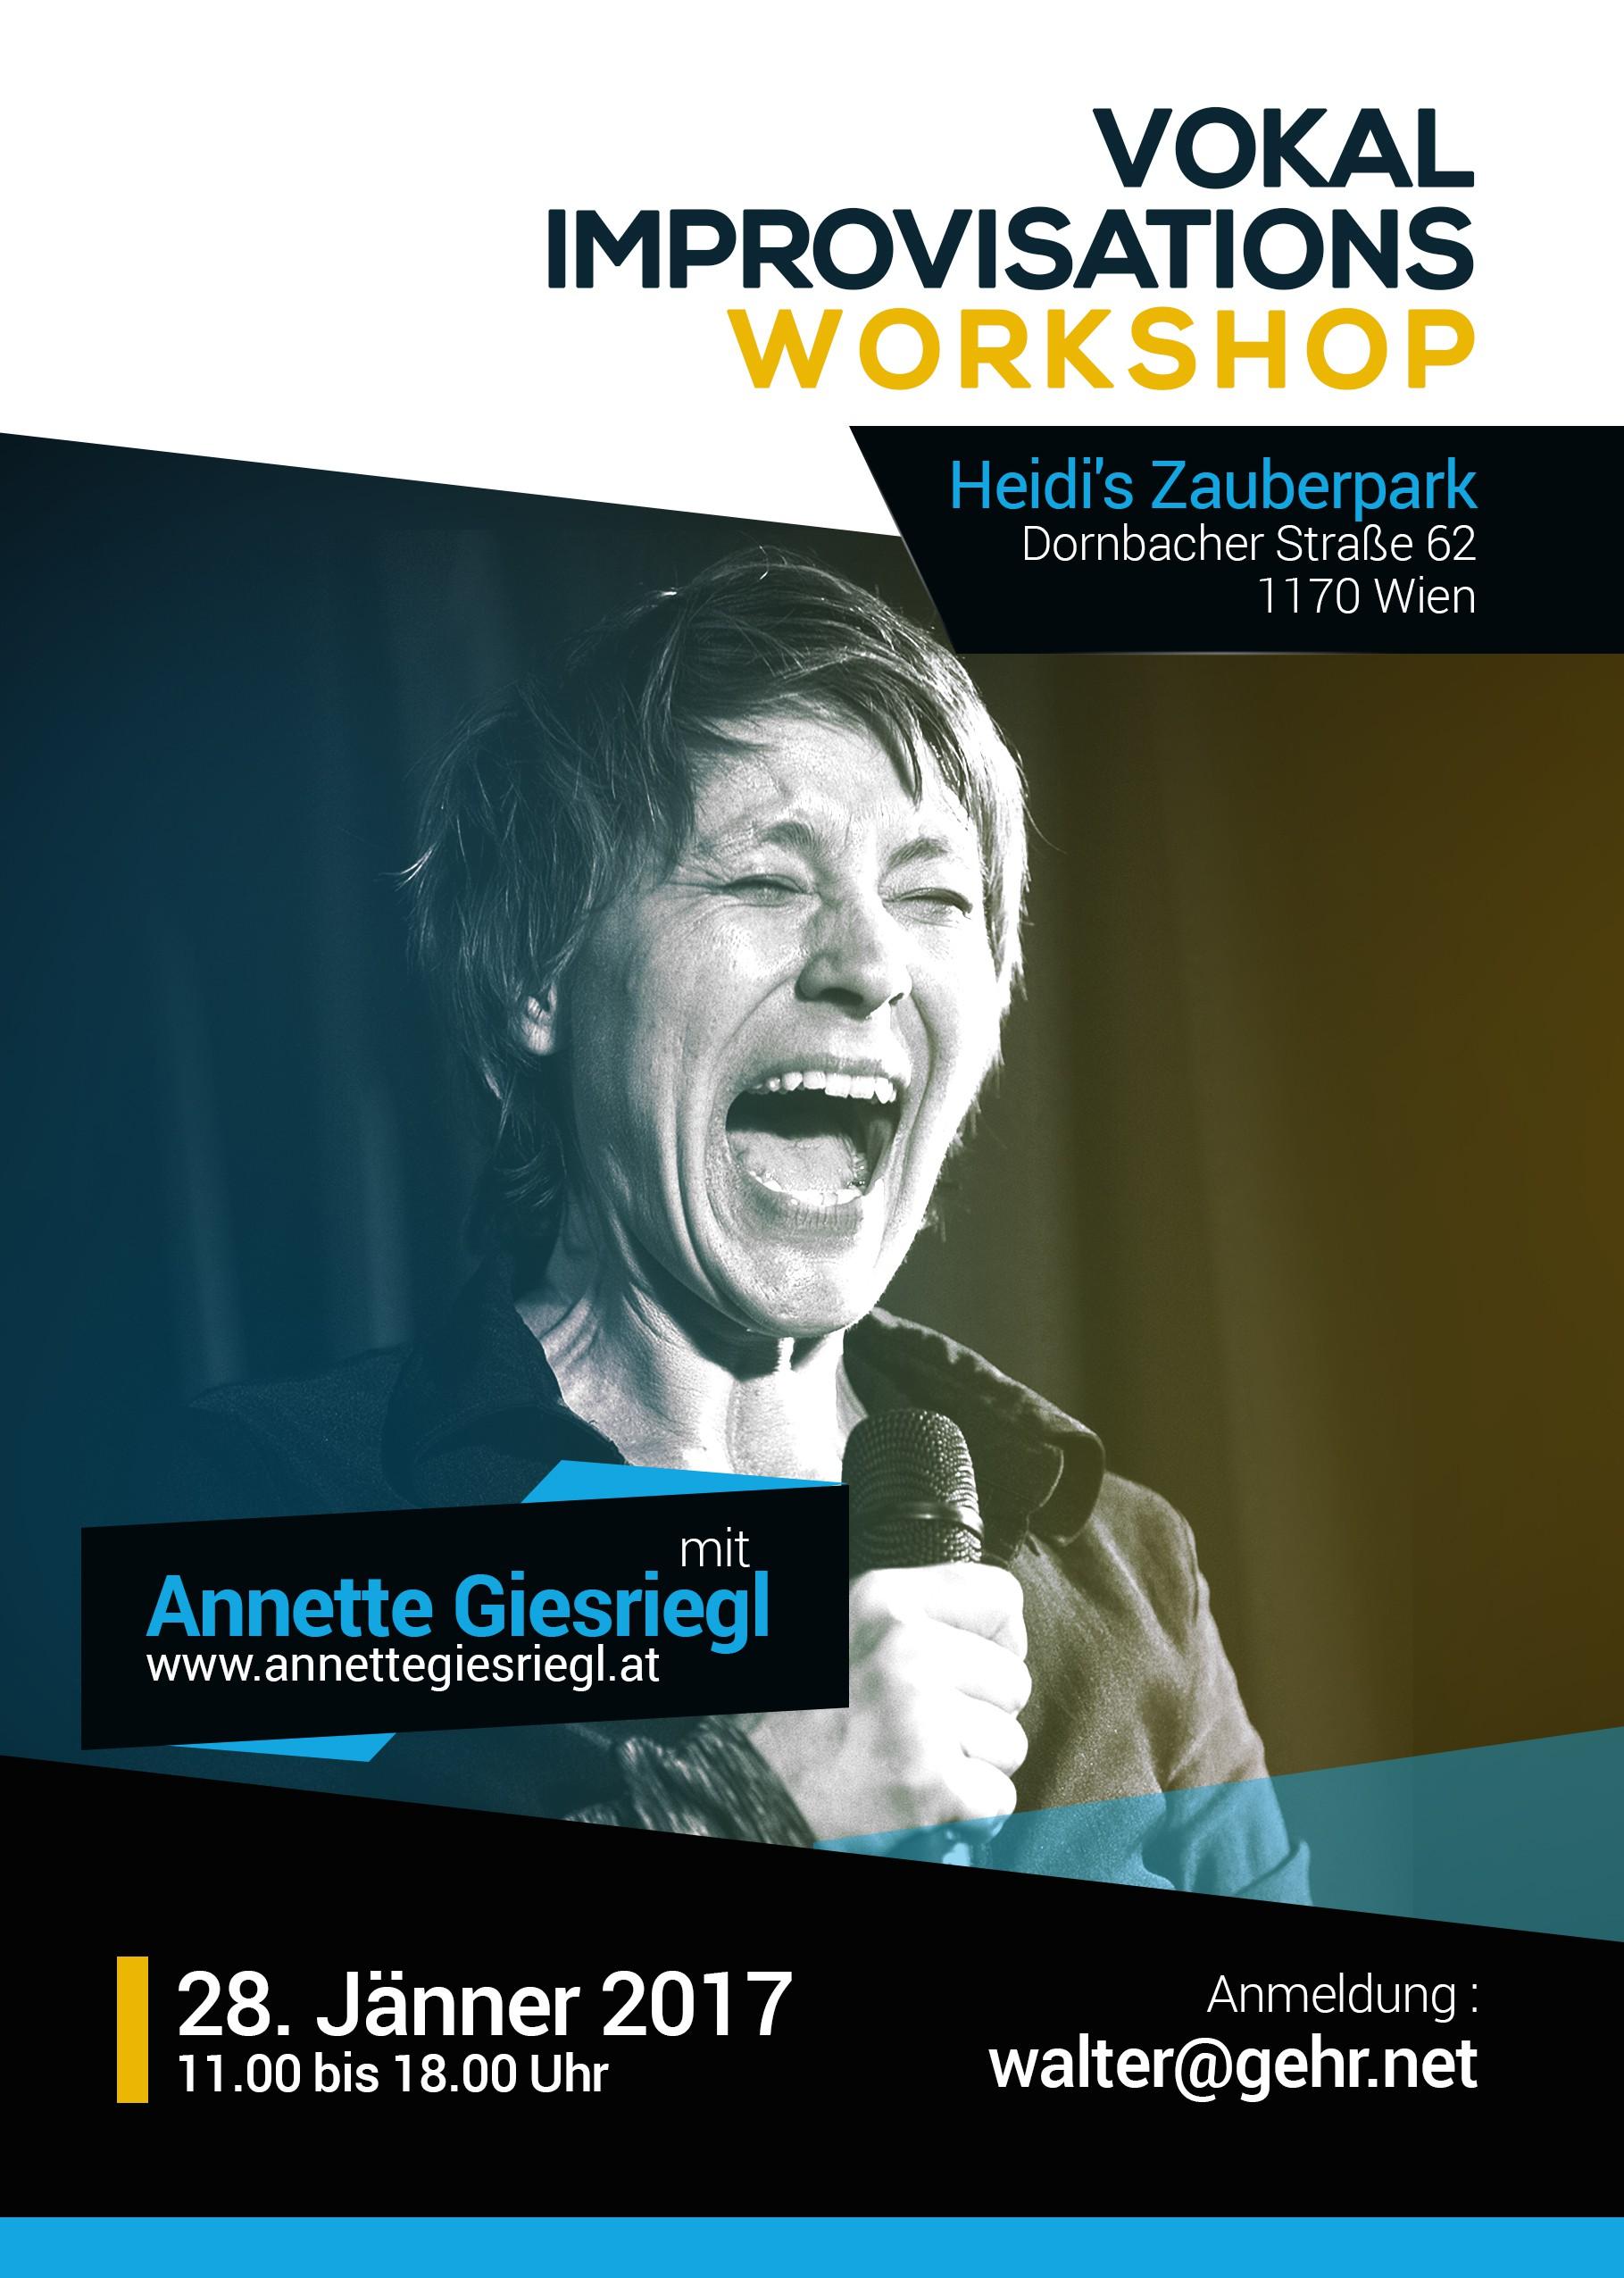 Vokal Improvisation Workshop